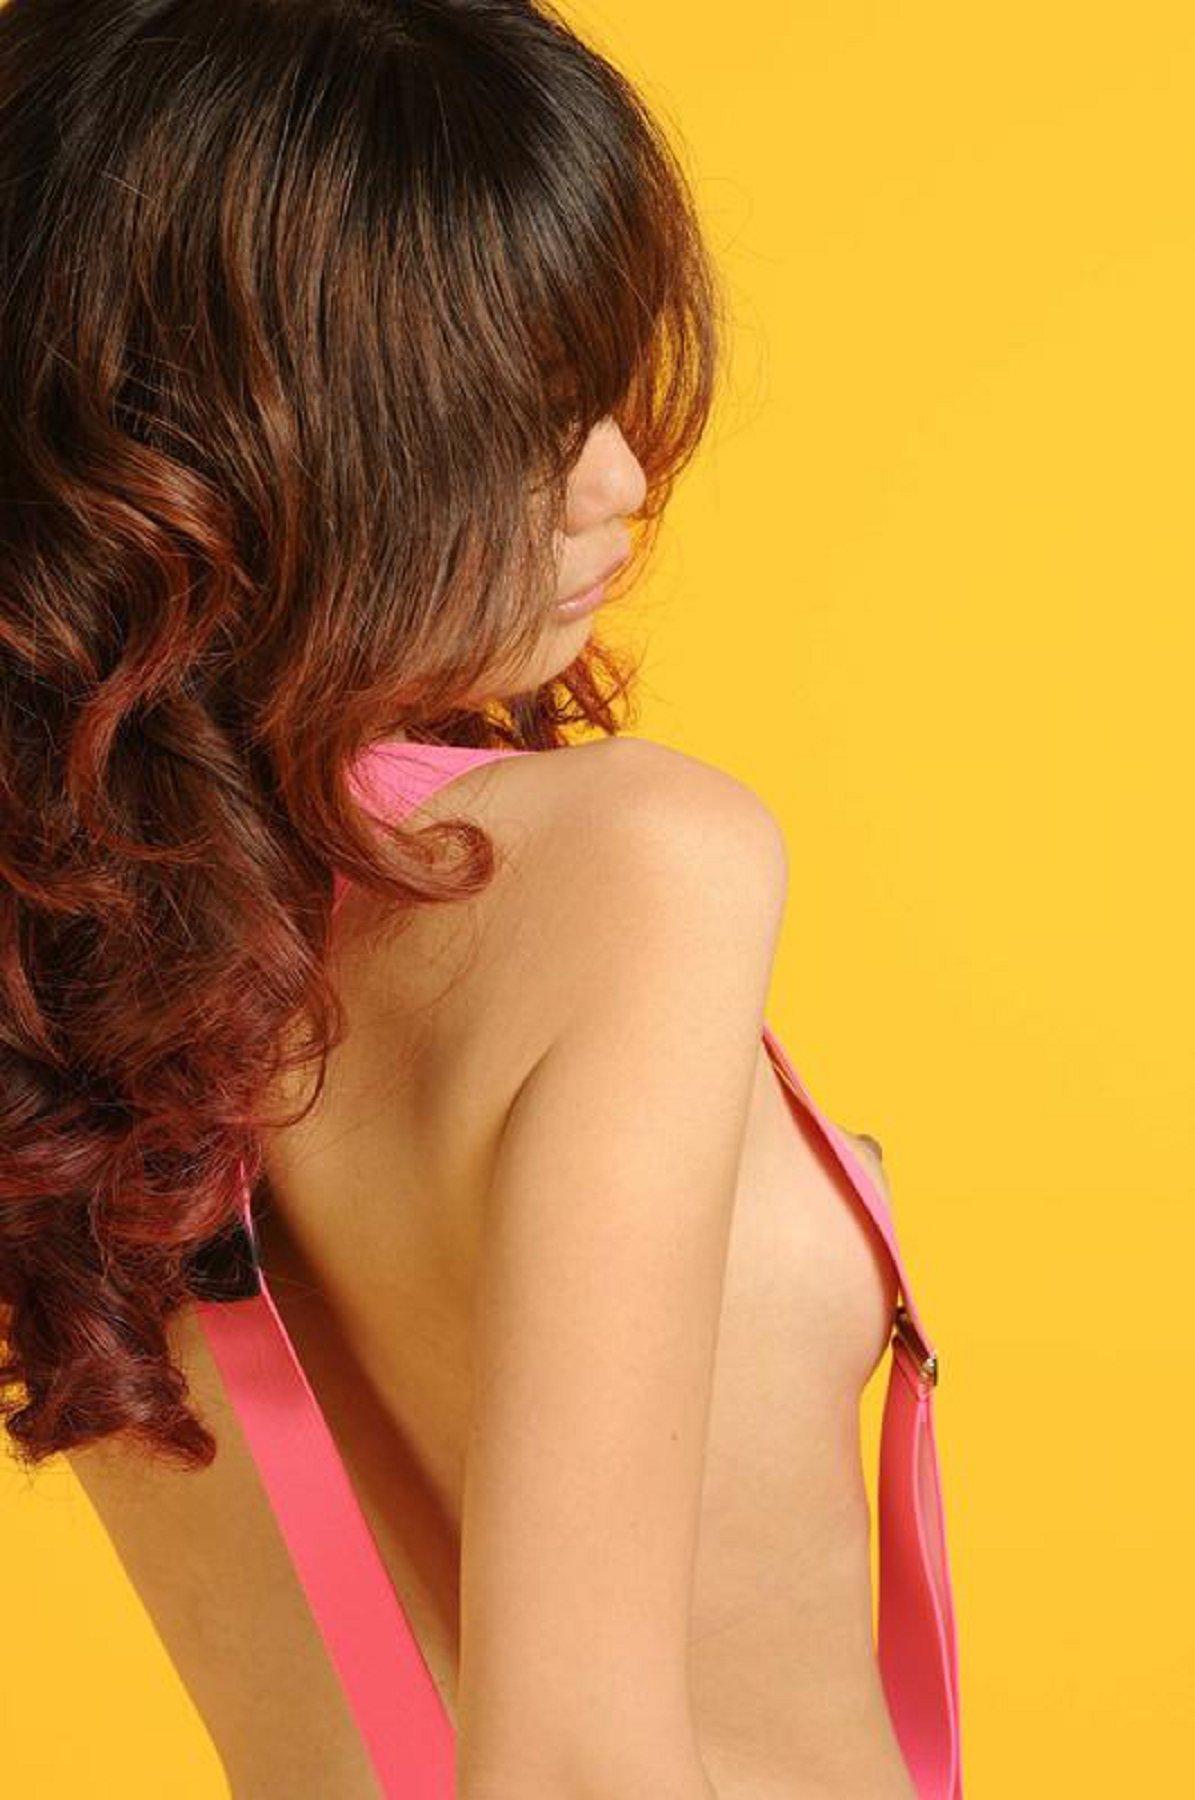 國模Yumi賓館大尺度人體私拍套圖 - 貼圖 - 清涼寫真 -